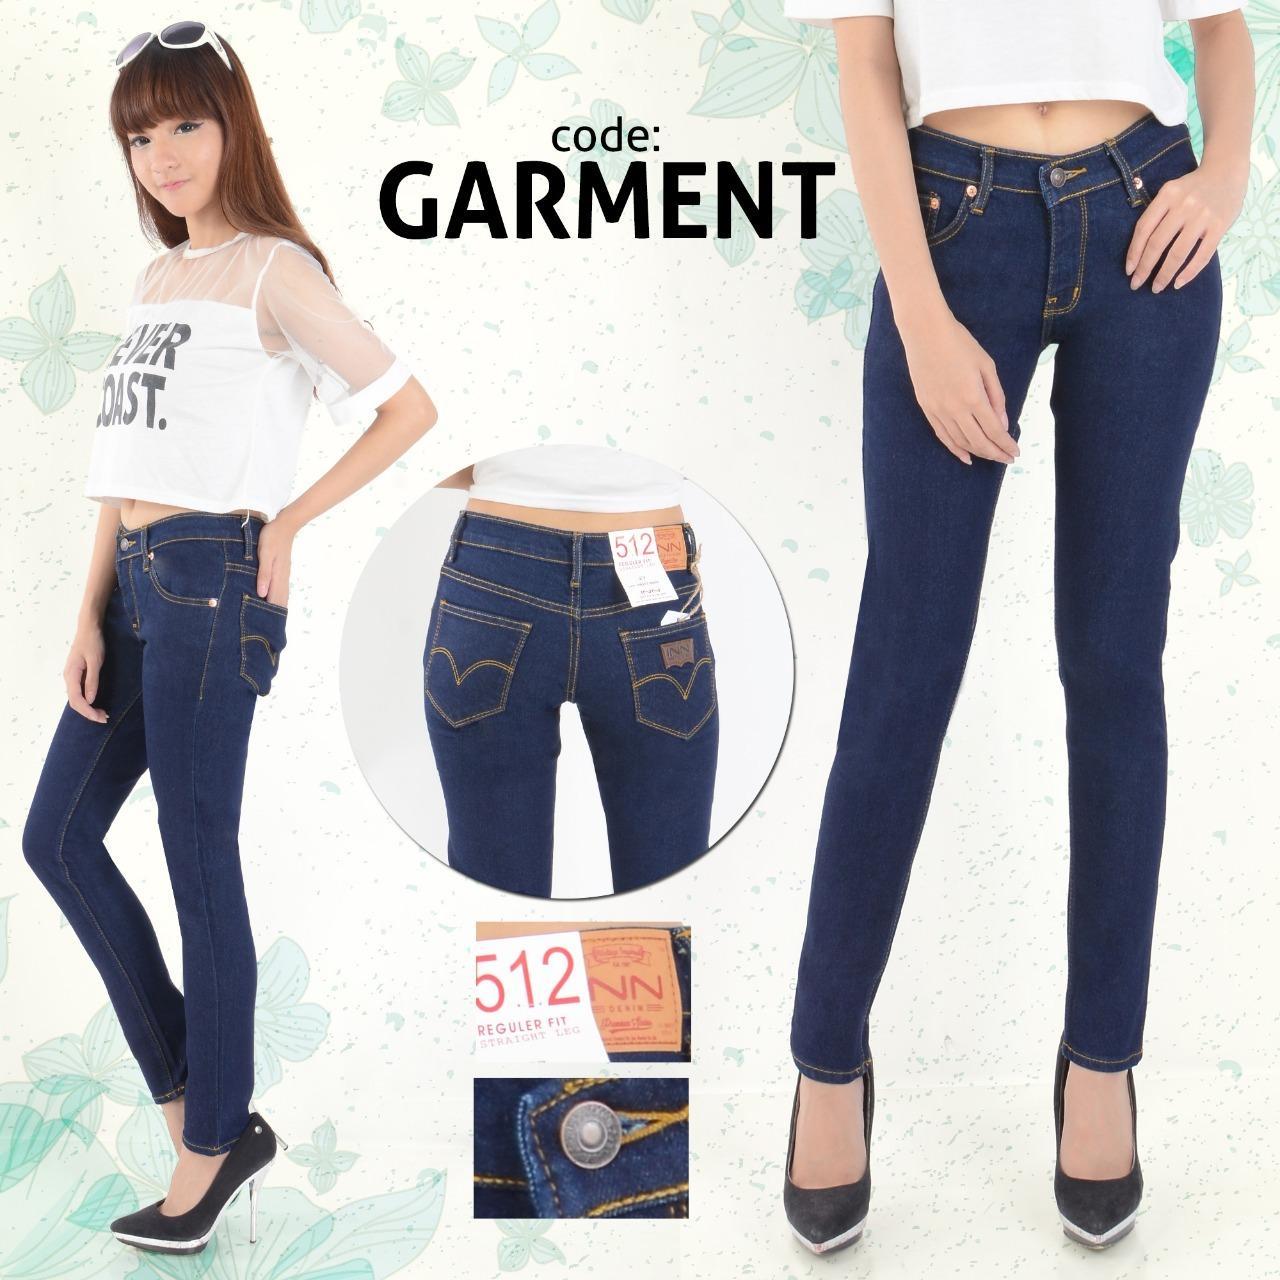 Toko Nusantara Jeans Celana Panjang Wanita Model Skinny Berbahan Soft Jeans Ripped Resleting Kuat Jahitan Rapi Murah Biru Dongker Dki Jakarta